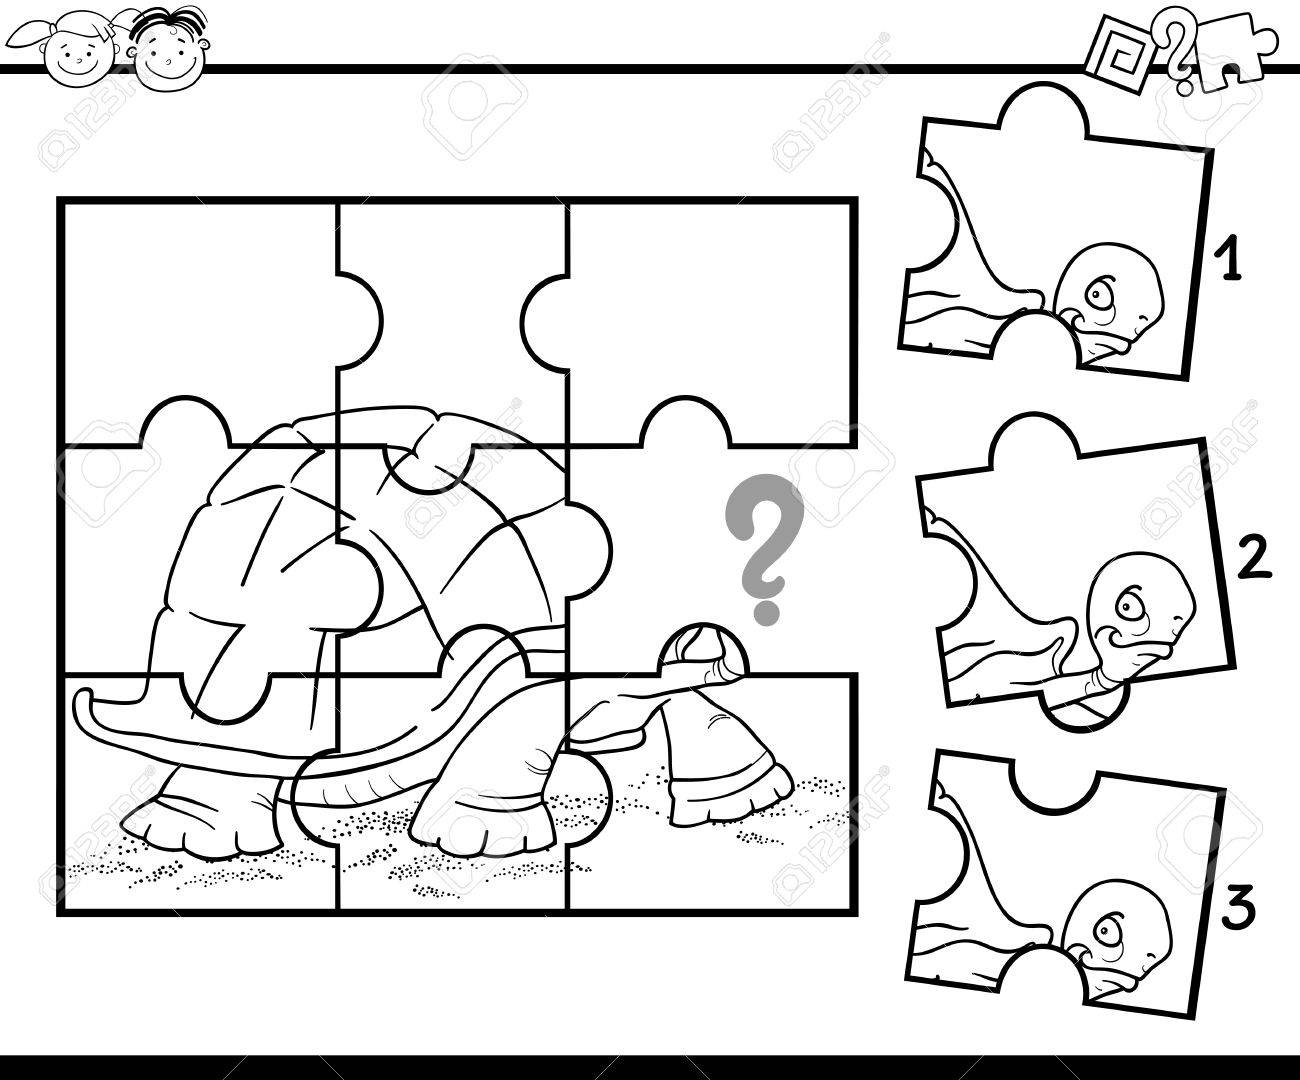 Dibujos Animados De Blanco Y Negro Ilustración De Juego Educación